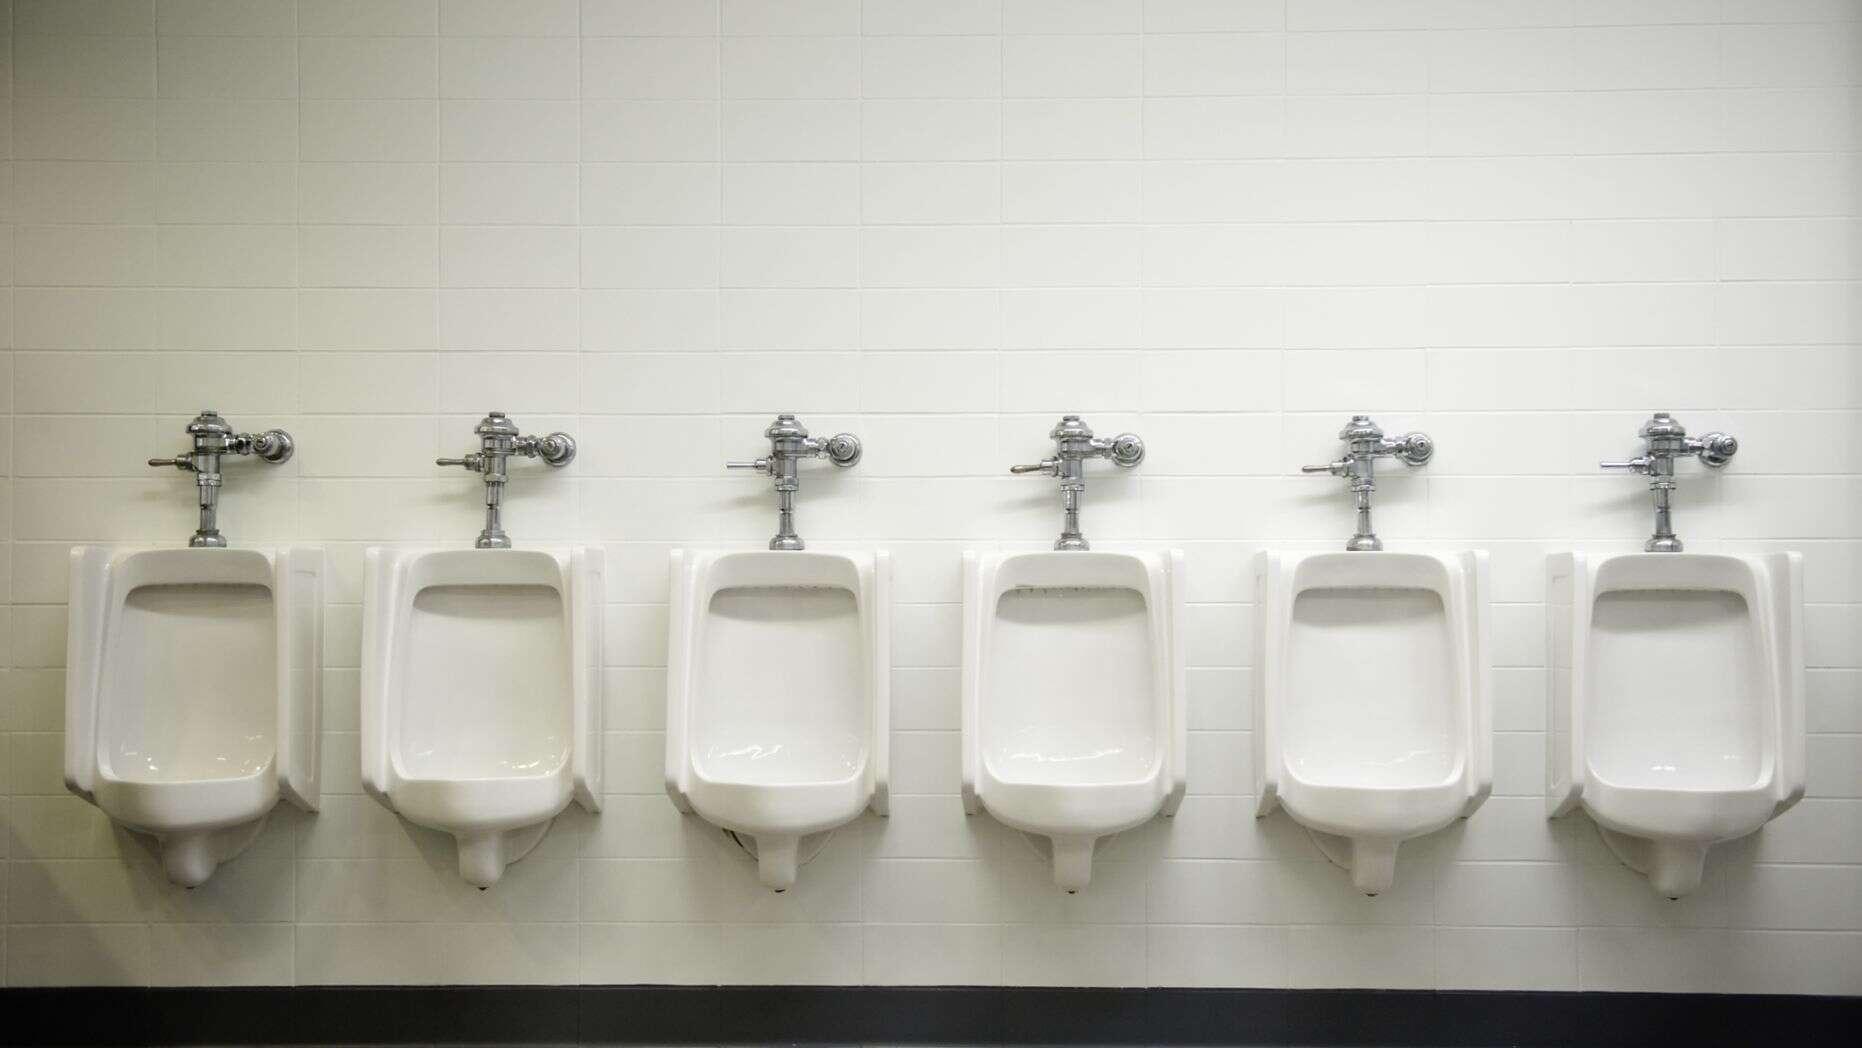 流体物理学杂志:男人小便可激起一团尿气溶胶!上男厕所最好戴口罩